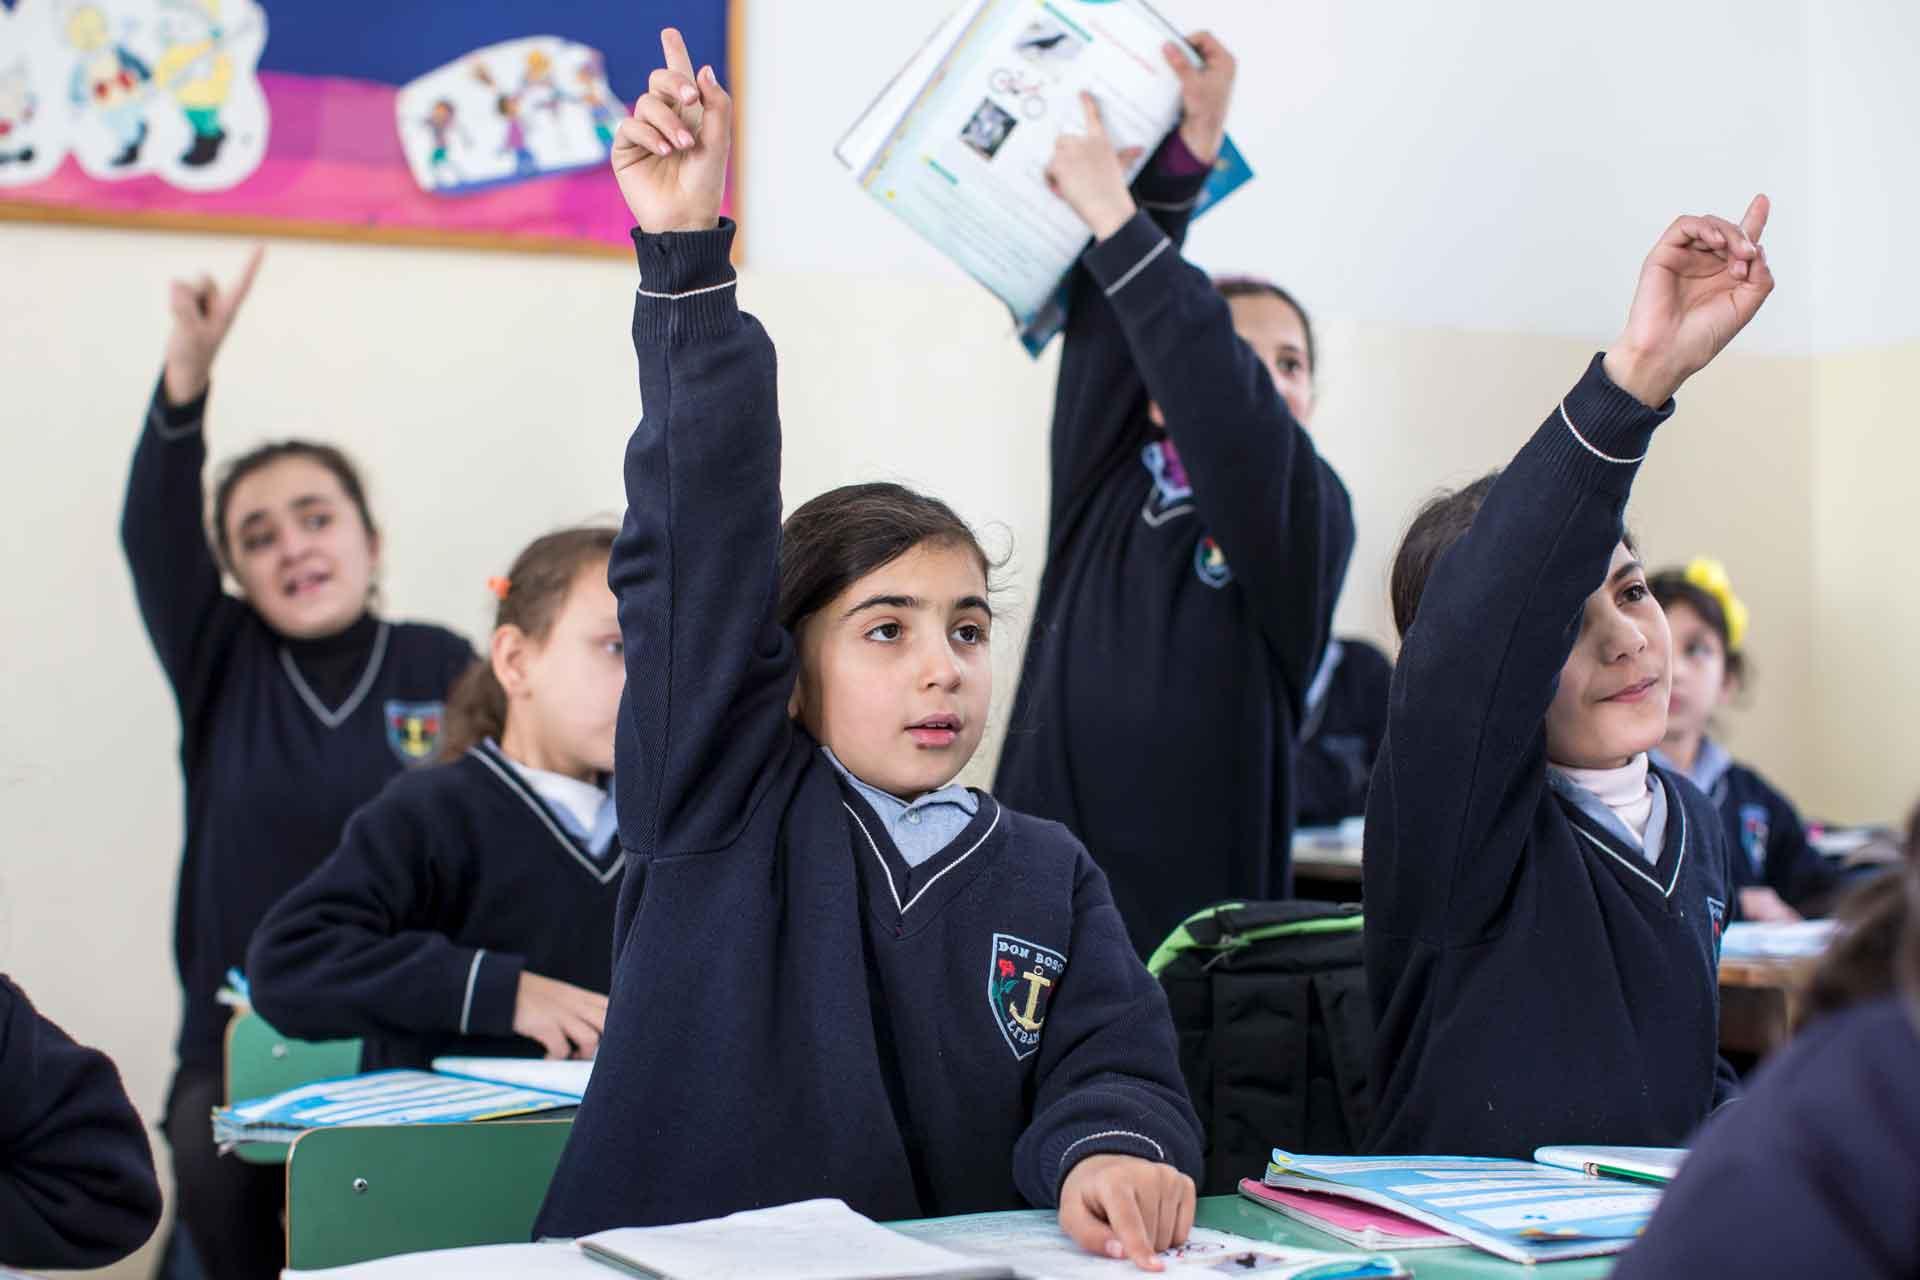 Bildung  ist die Grundlage für eine bessere Zukunft: Kinder in einem von der Caritas unterstützten Schule im Libanon. | © 2016 Alexandra Wey/Caritas Schweiz